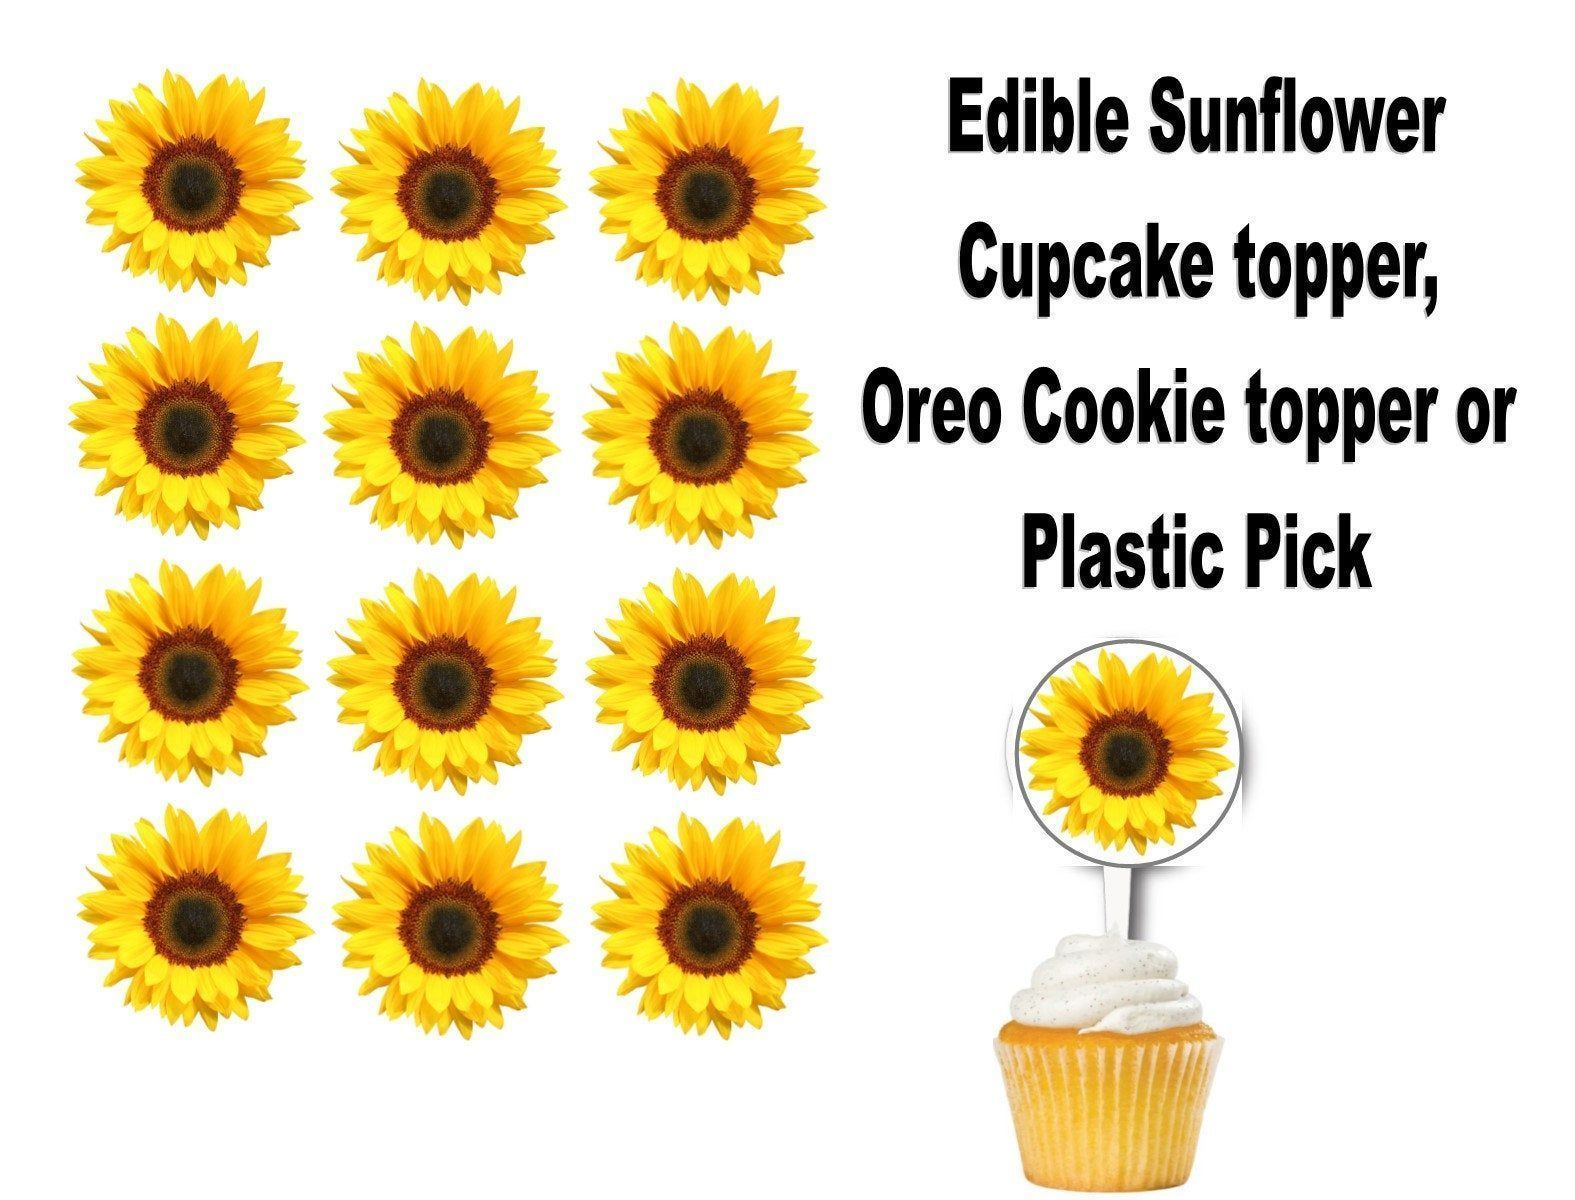 Sunflower Cupcake Picks, Gift Bag Stickers, Edible Cupcake topper, Oreo topper #sunflowercupcakes Sunflower Cupcake Picks, Gift Bag Stickers, Edible Cupcake topper, Oreo topper by BakingDiva2 on Etsy #sunflowercupcakes Sunflower Cupcake Picks, Gift Bag Stickers, Edible Cupcake topper, Oreo topper #sunflowercupcakes Sunflower Cupcake Picks, Gift Bag Stickers, Edible Cupcake topper, Oreo topper by BakingDiva2 on Etsy #sunflowercupcakes Sunflower Cupcake Picks, Gift Bag Stickers, Edible Cupcake top #sunflowercupcakes